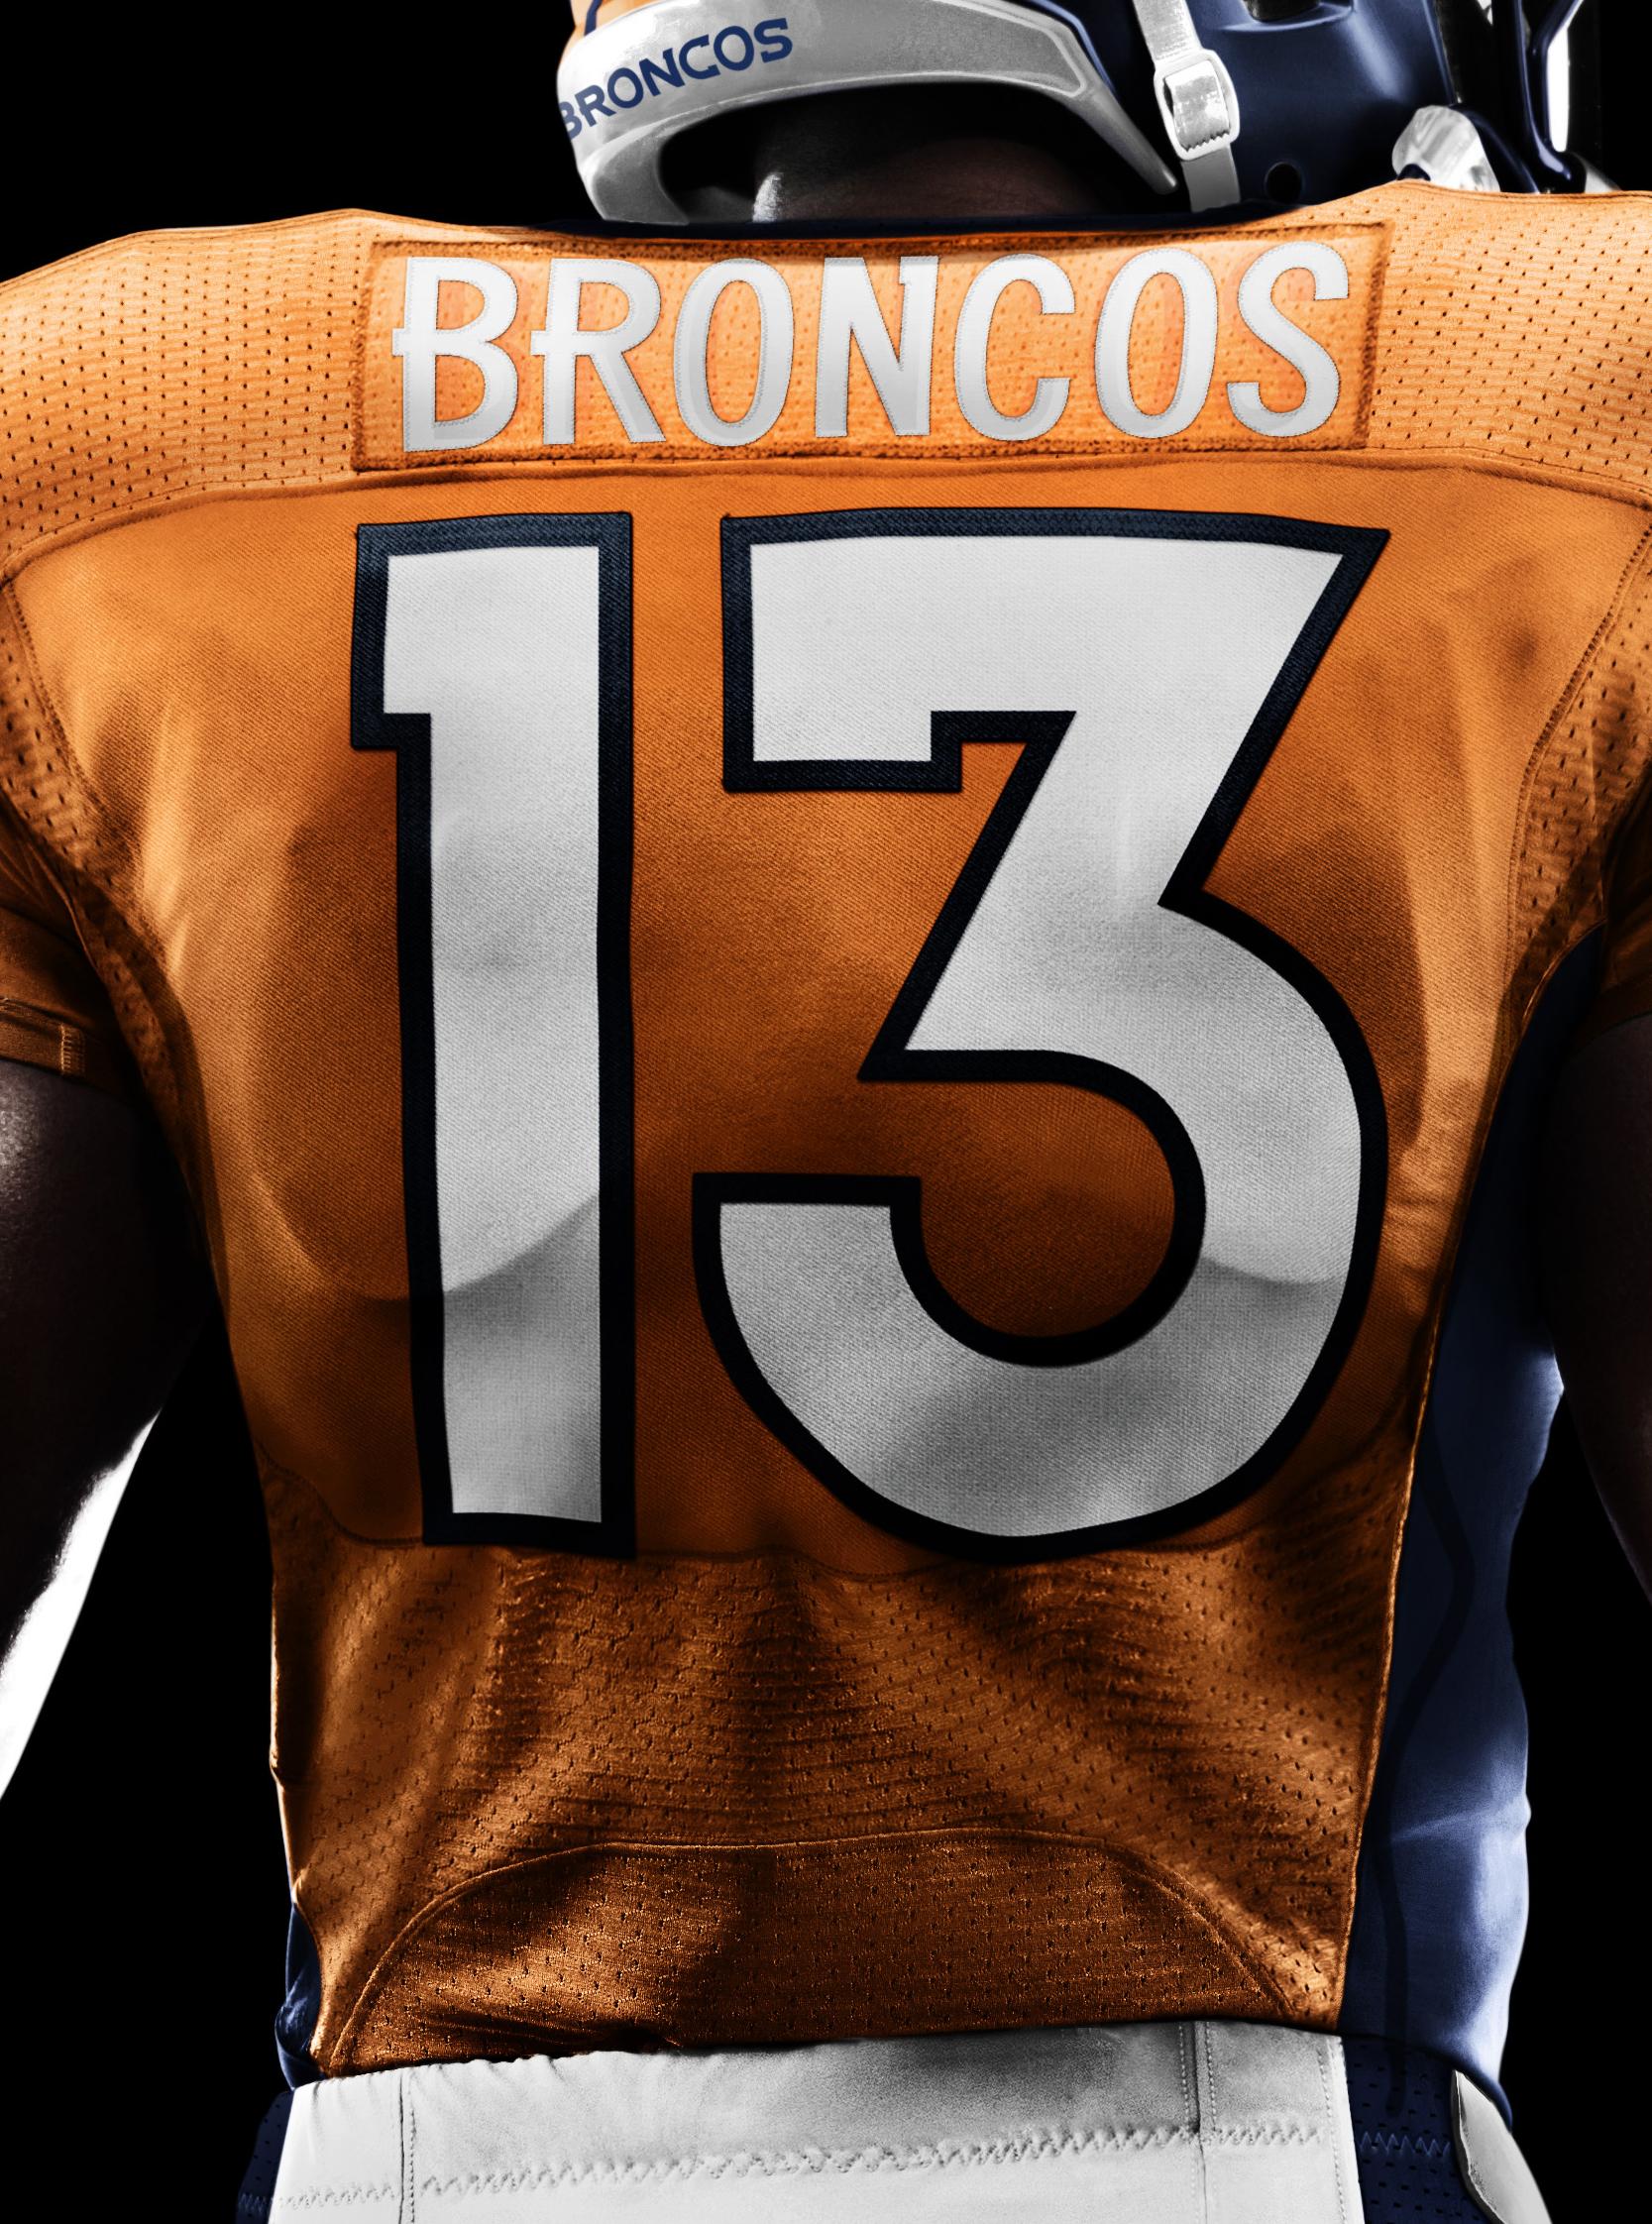 292d89d96de ... Denver Broncos 2012 Nike Football Uniform.